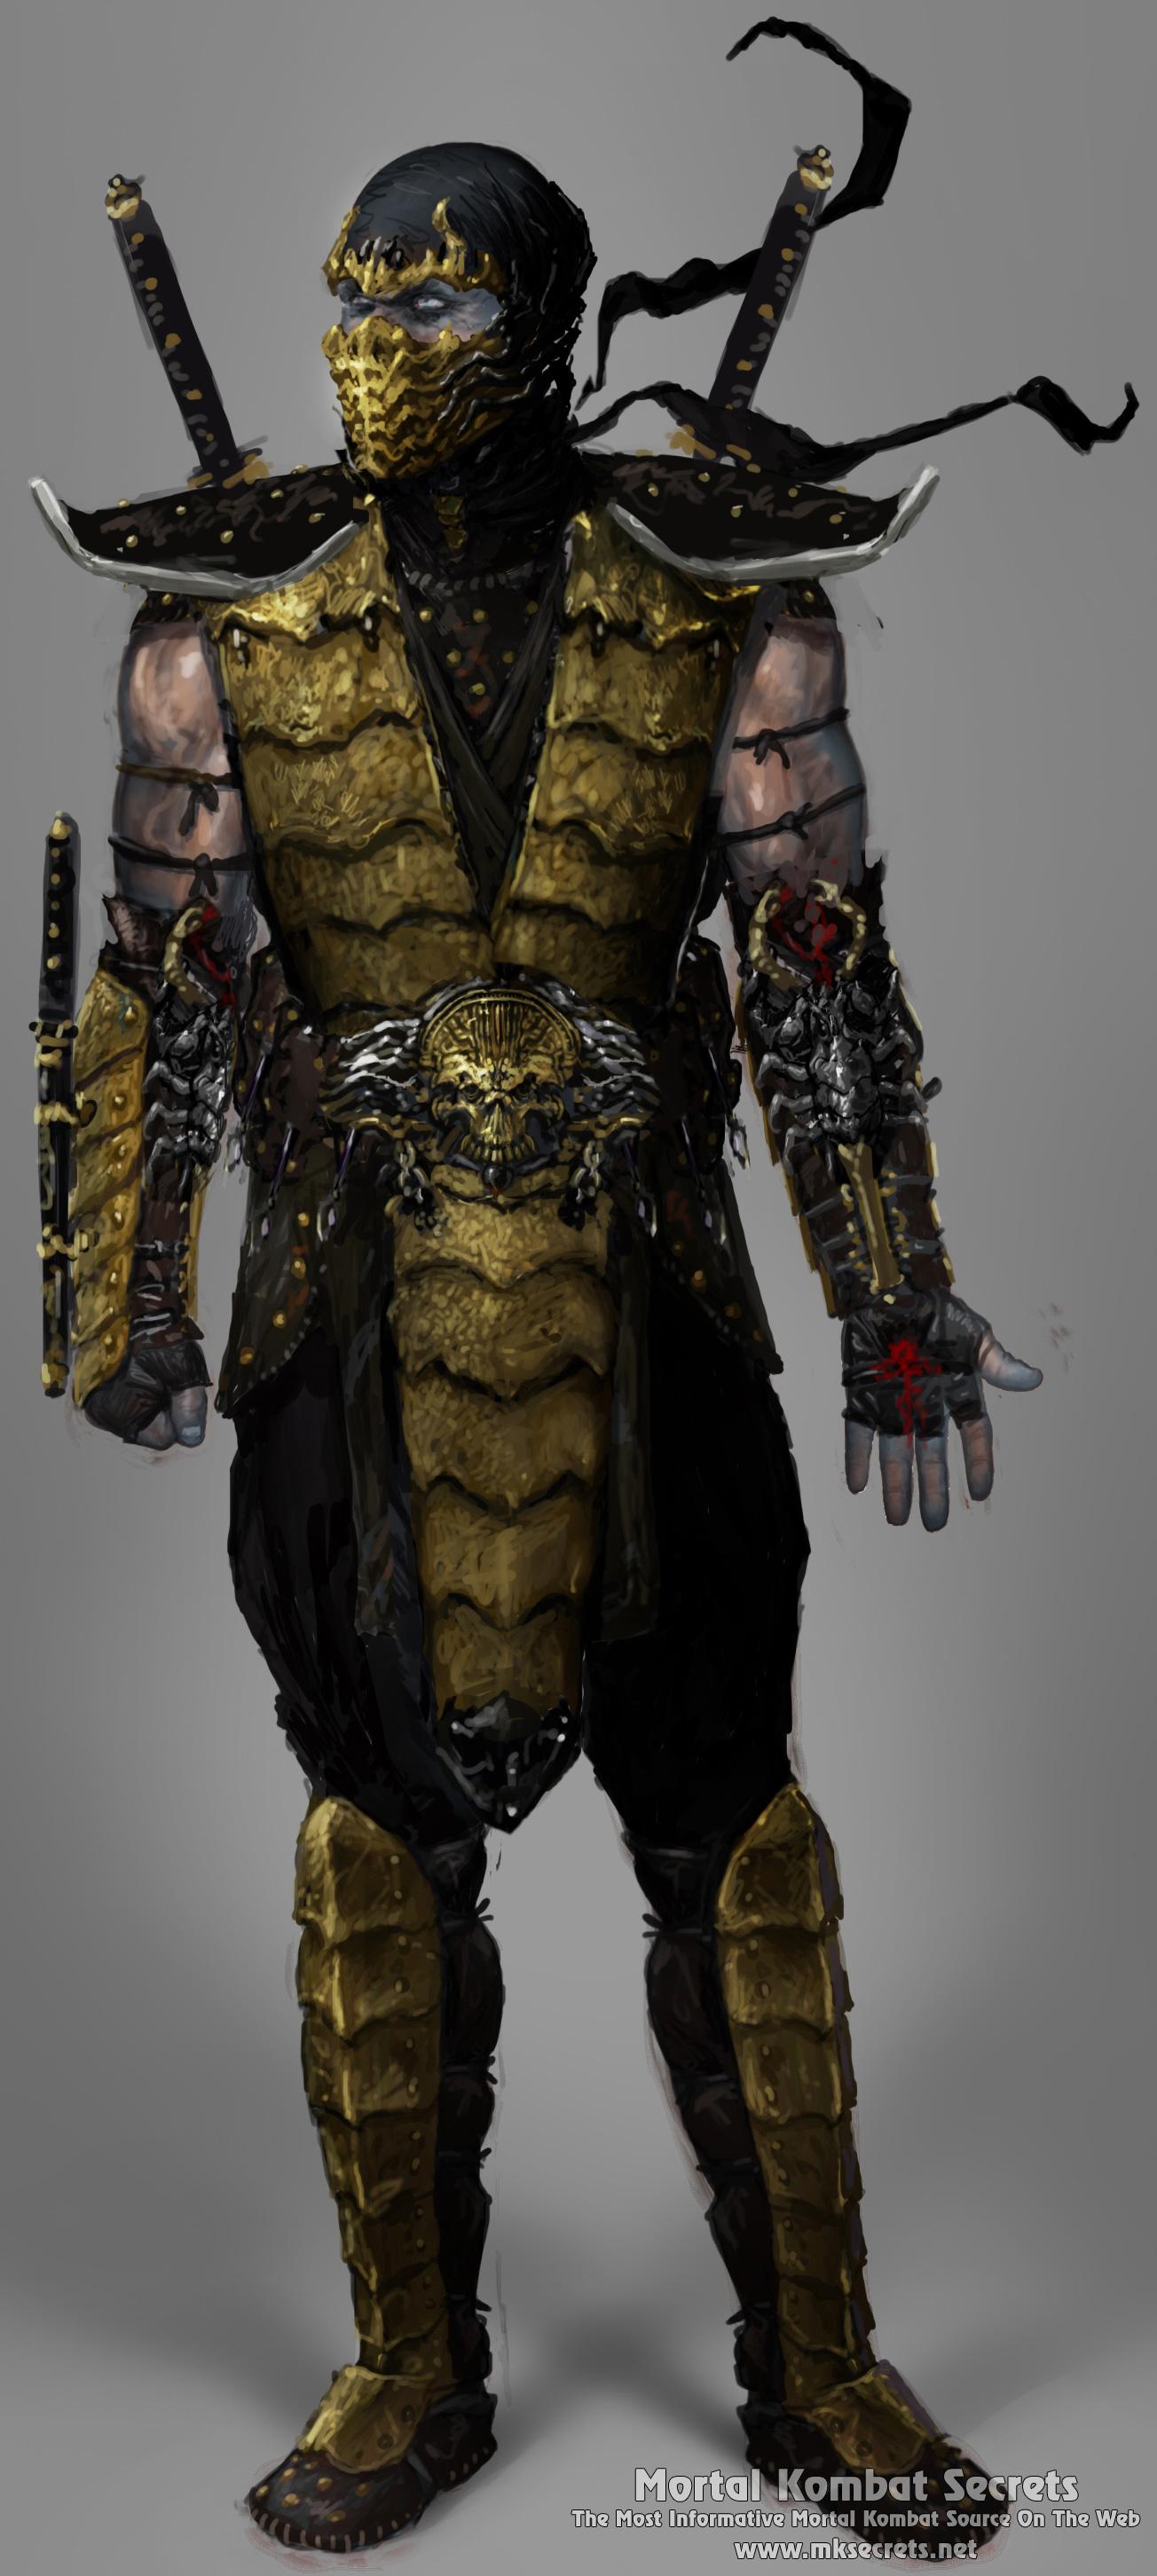 25 Alternative Costumes Concept Art Images Mortal Kombat Secrets